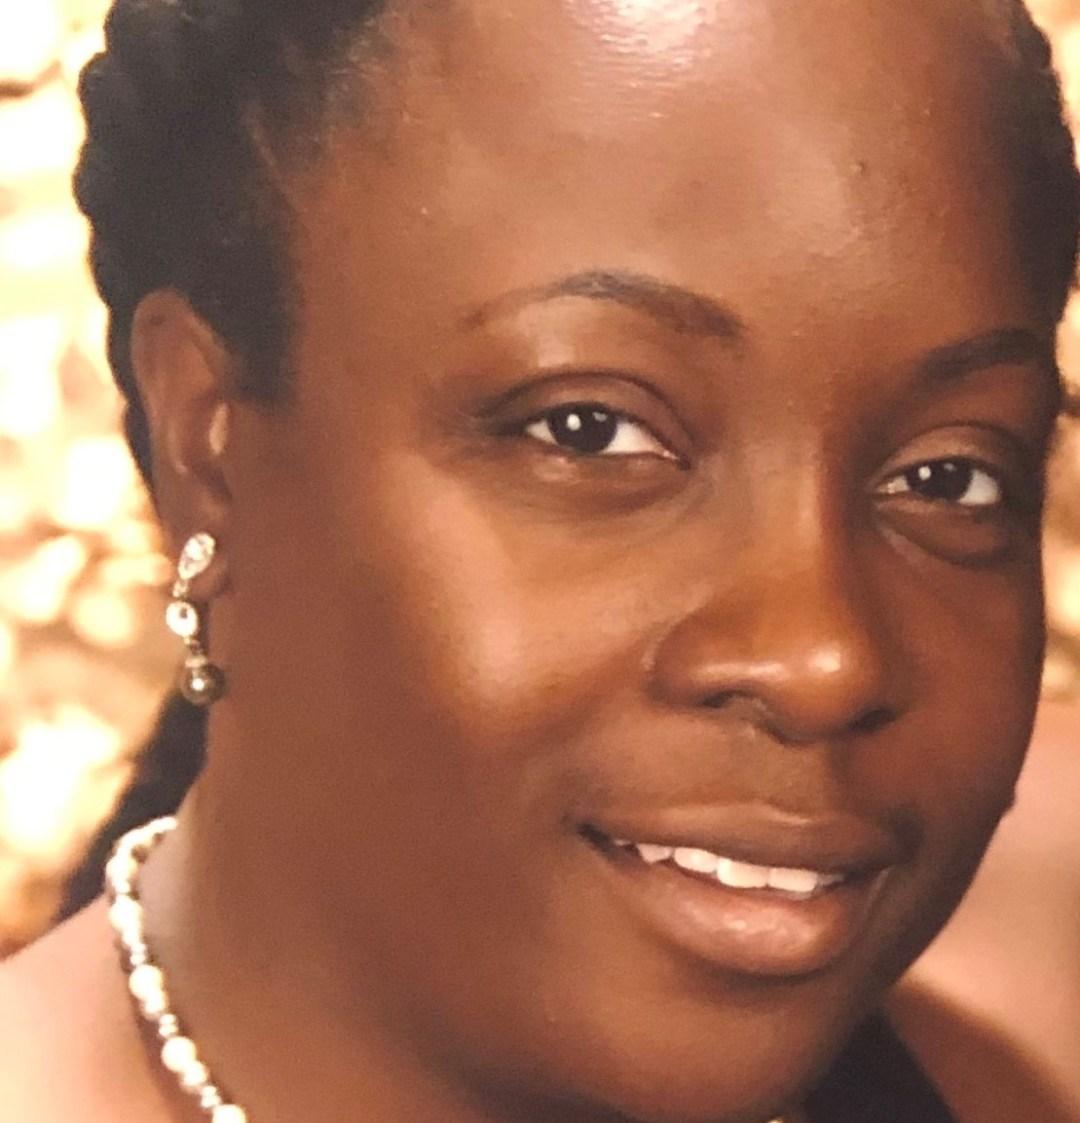 Gbemi Acholonu